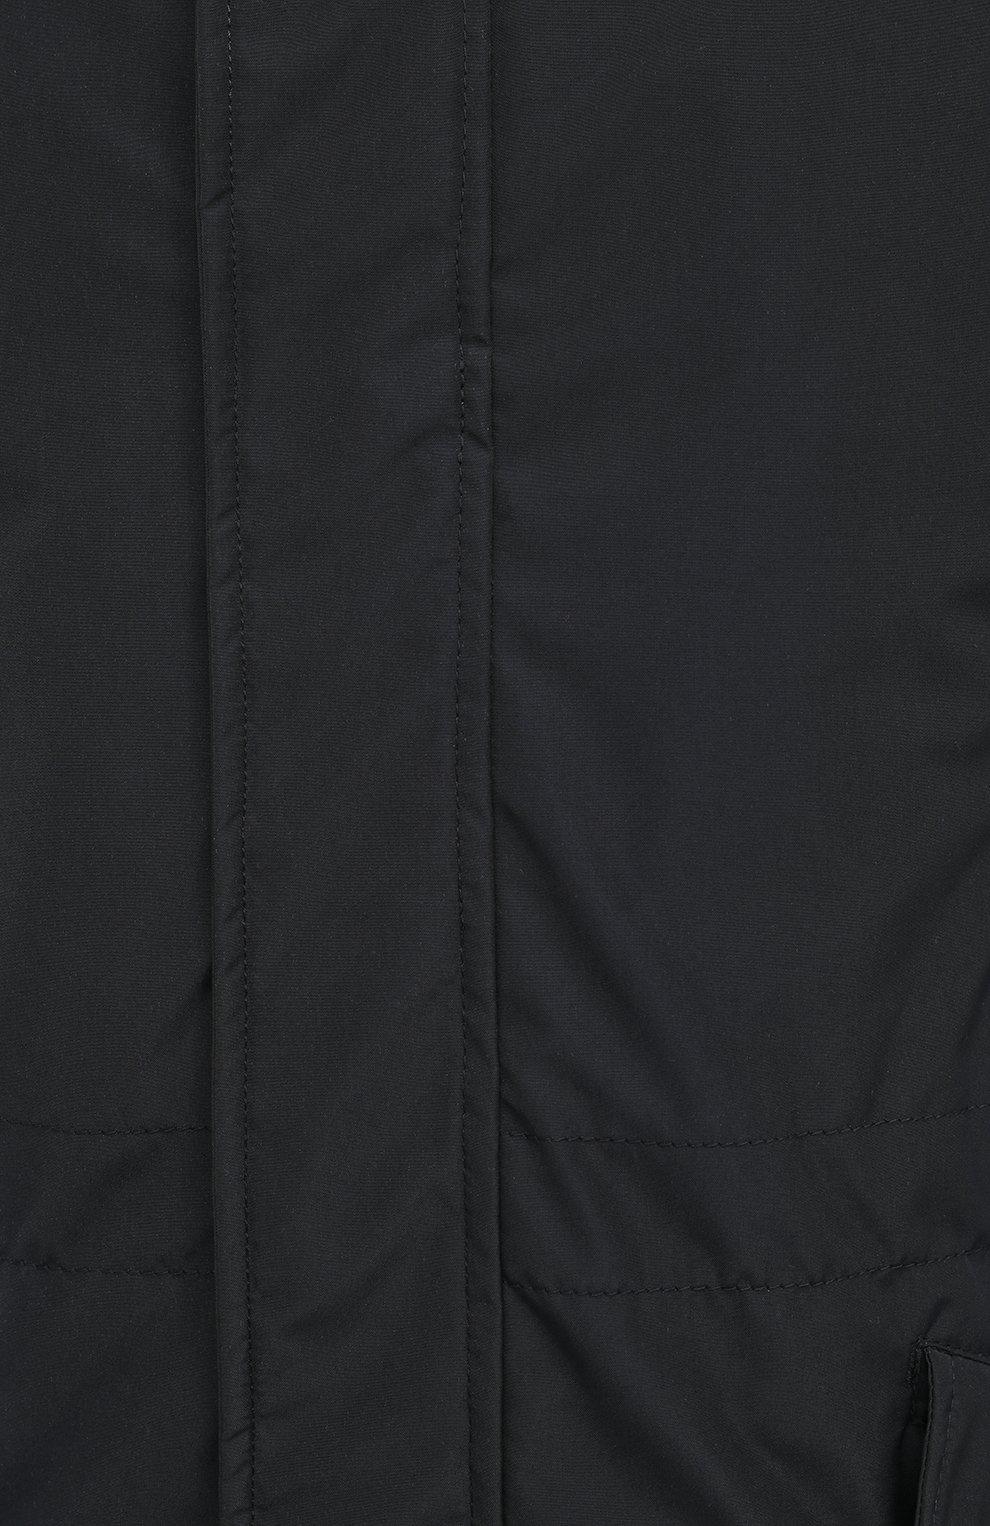 Мужская утепленная парка ASPESI темно-синего цвета, арт. W0 I 9I12 7981 | Фото 5 (Кросс-КТ: Куртка, Пуховик; Мужское Кросс-КТ: пуховик-короткий, Пуховик-верхняя одежда, Верхняя одежда; Рукава: Длинные; Материал внешний: Синтетический материал; Материал подклада: Синтетический материал)